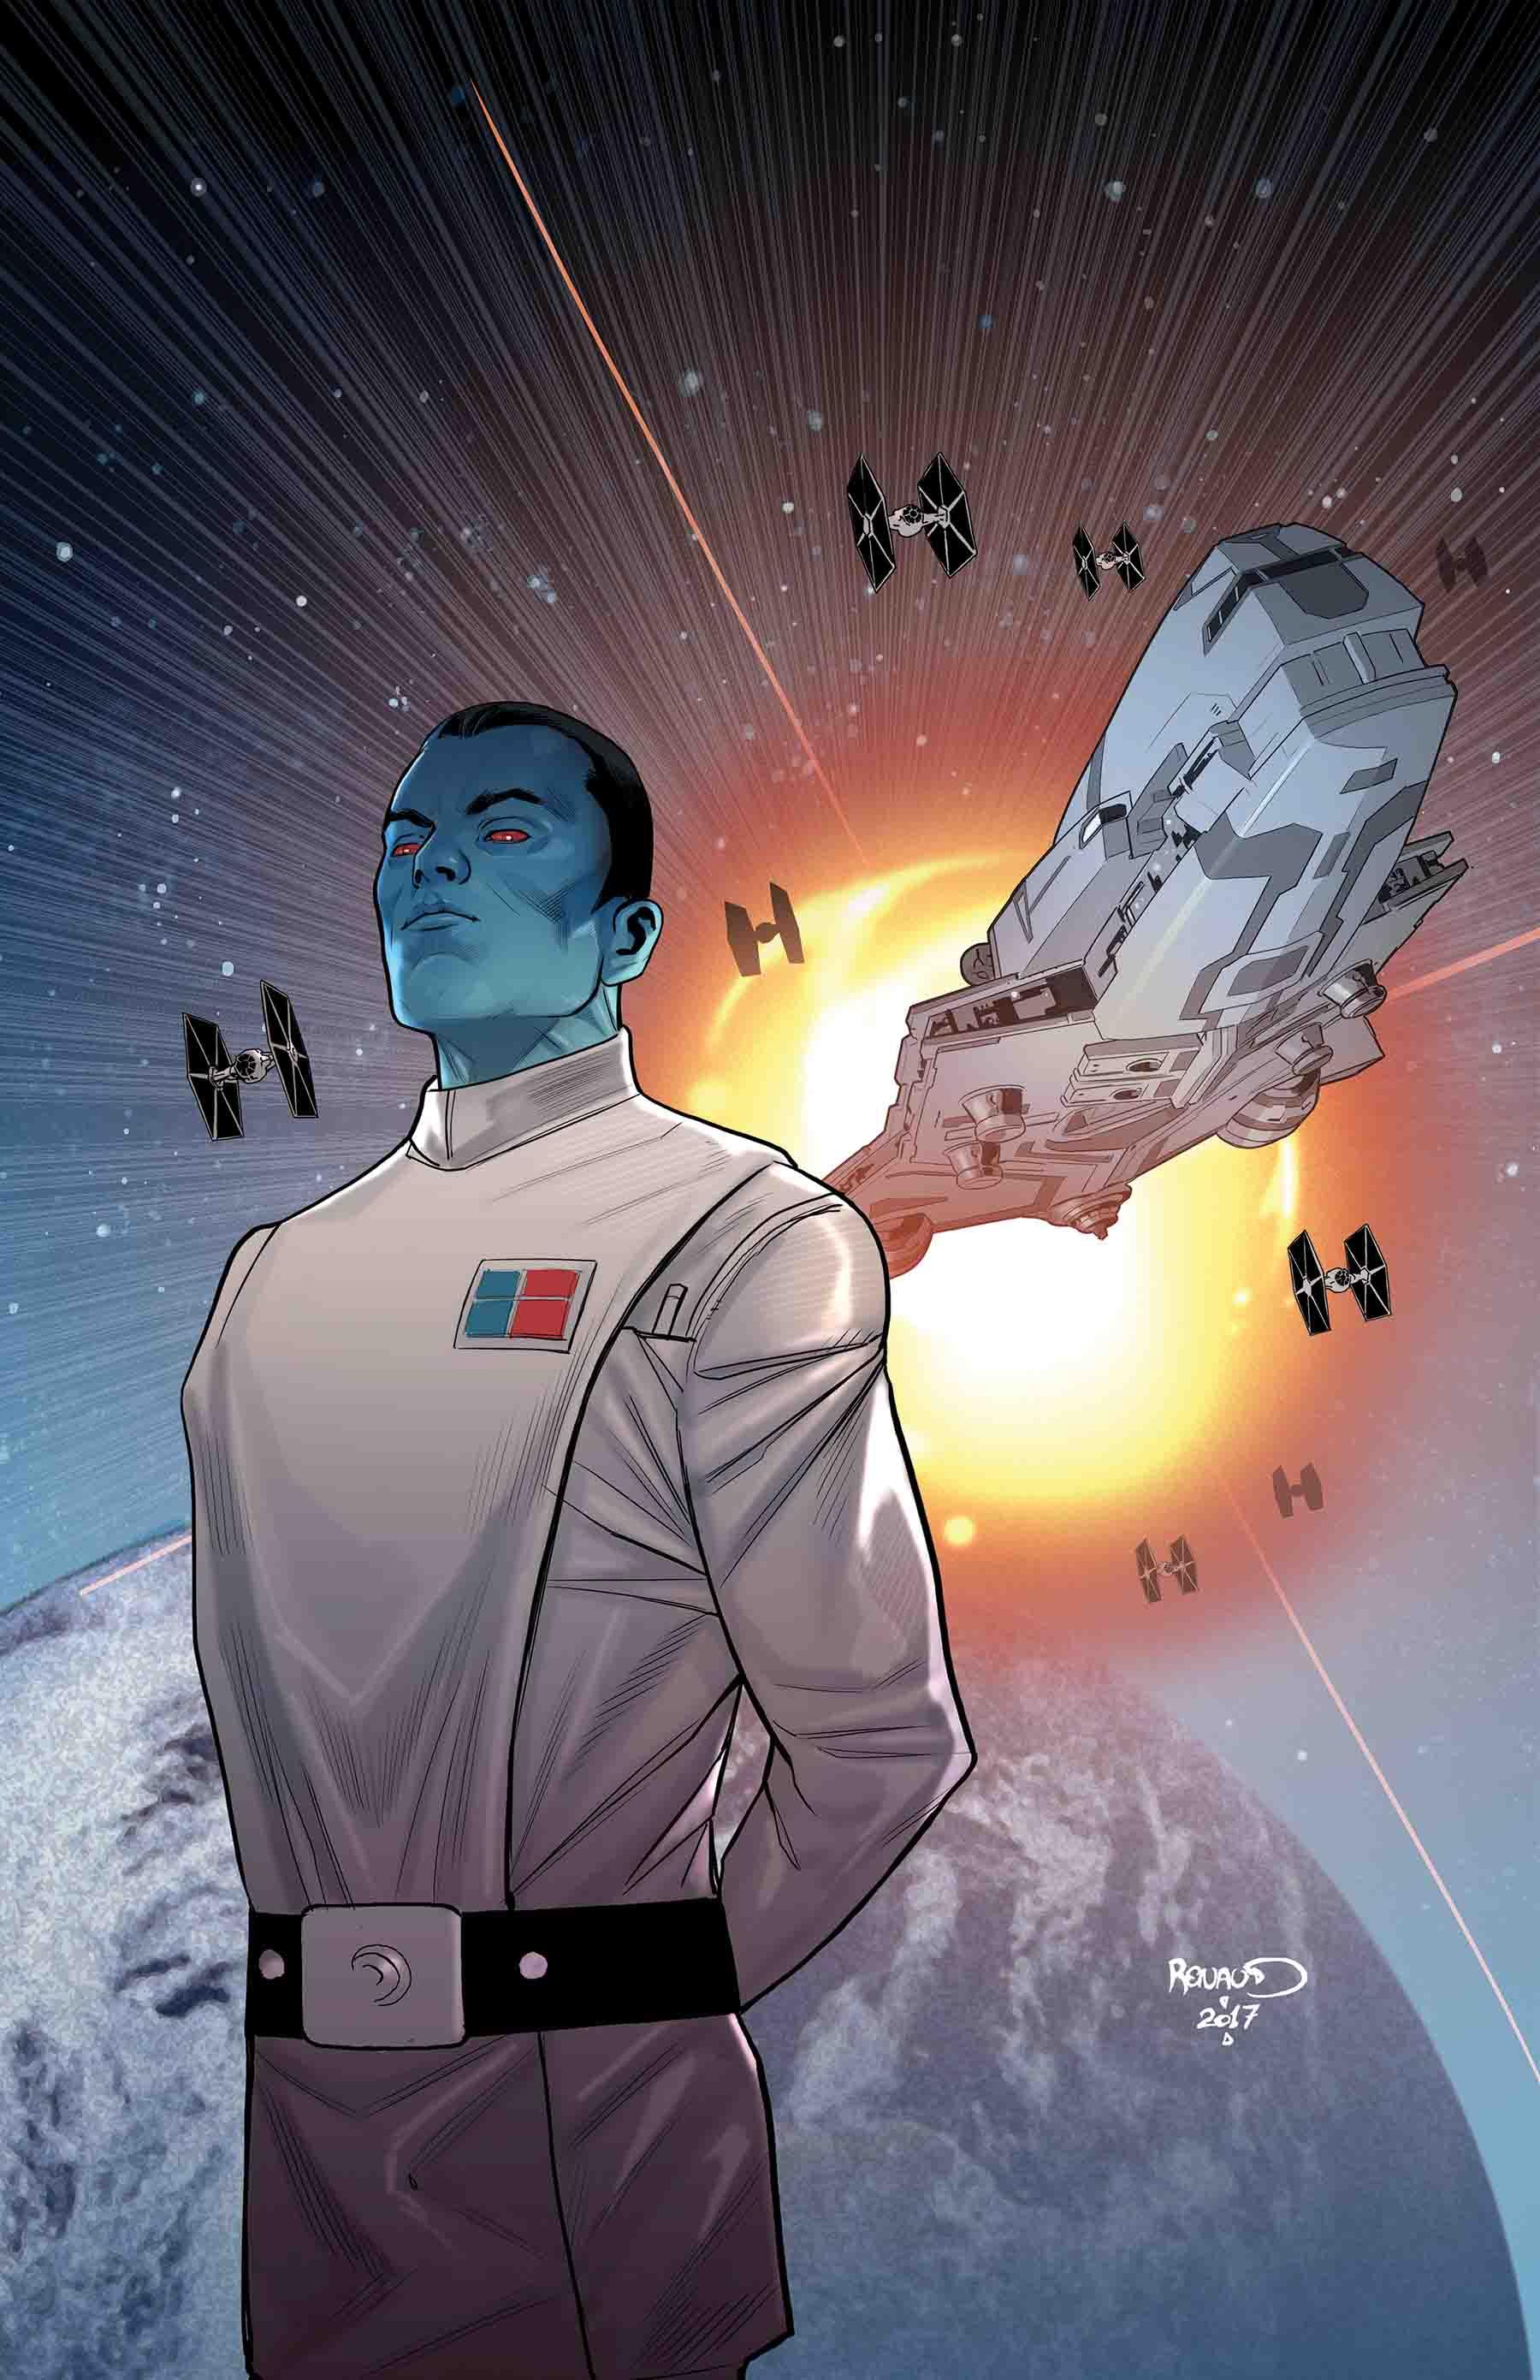 Звёздные войны: Траун, часть 2